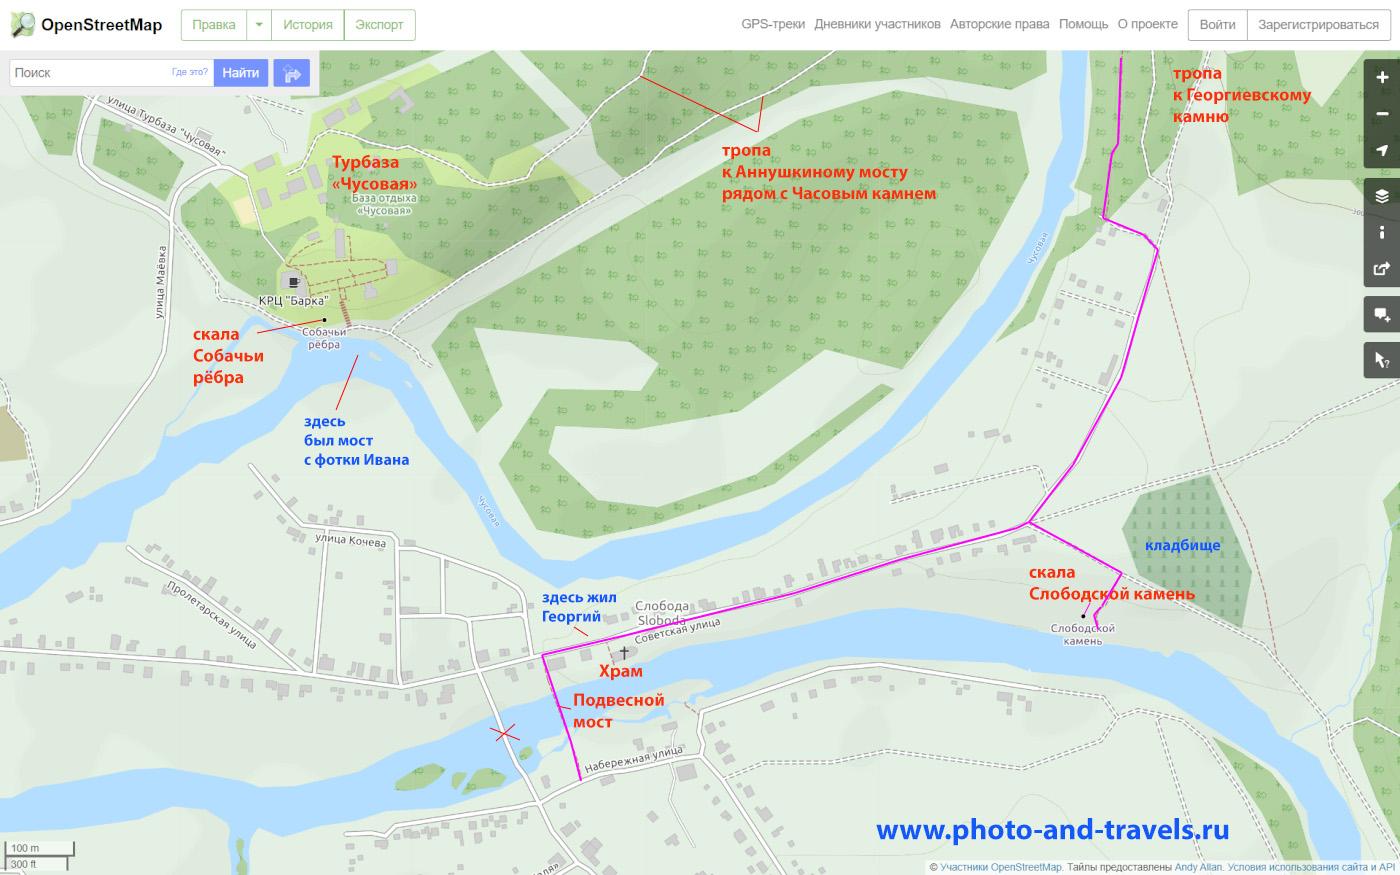 30. Карта со схемой расположения действующего подвесного моста, дополнительного и маршрутом к скале Слободской камень на окраине села Слобода.